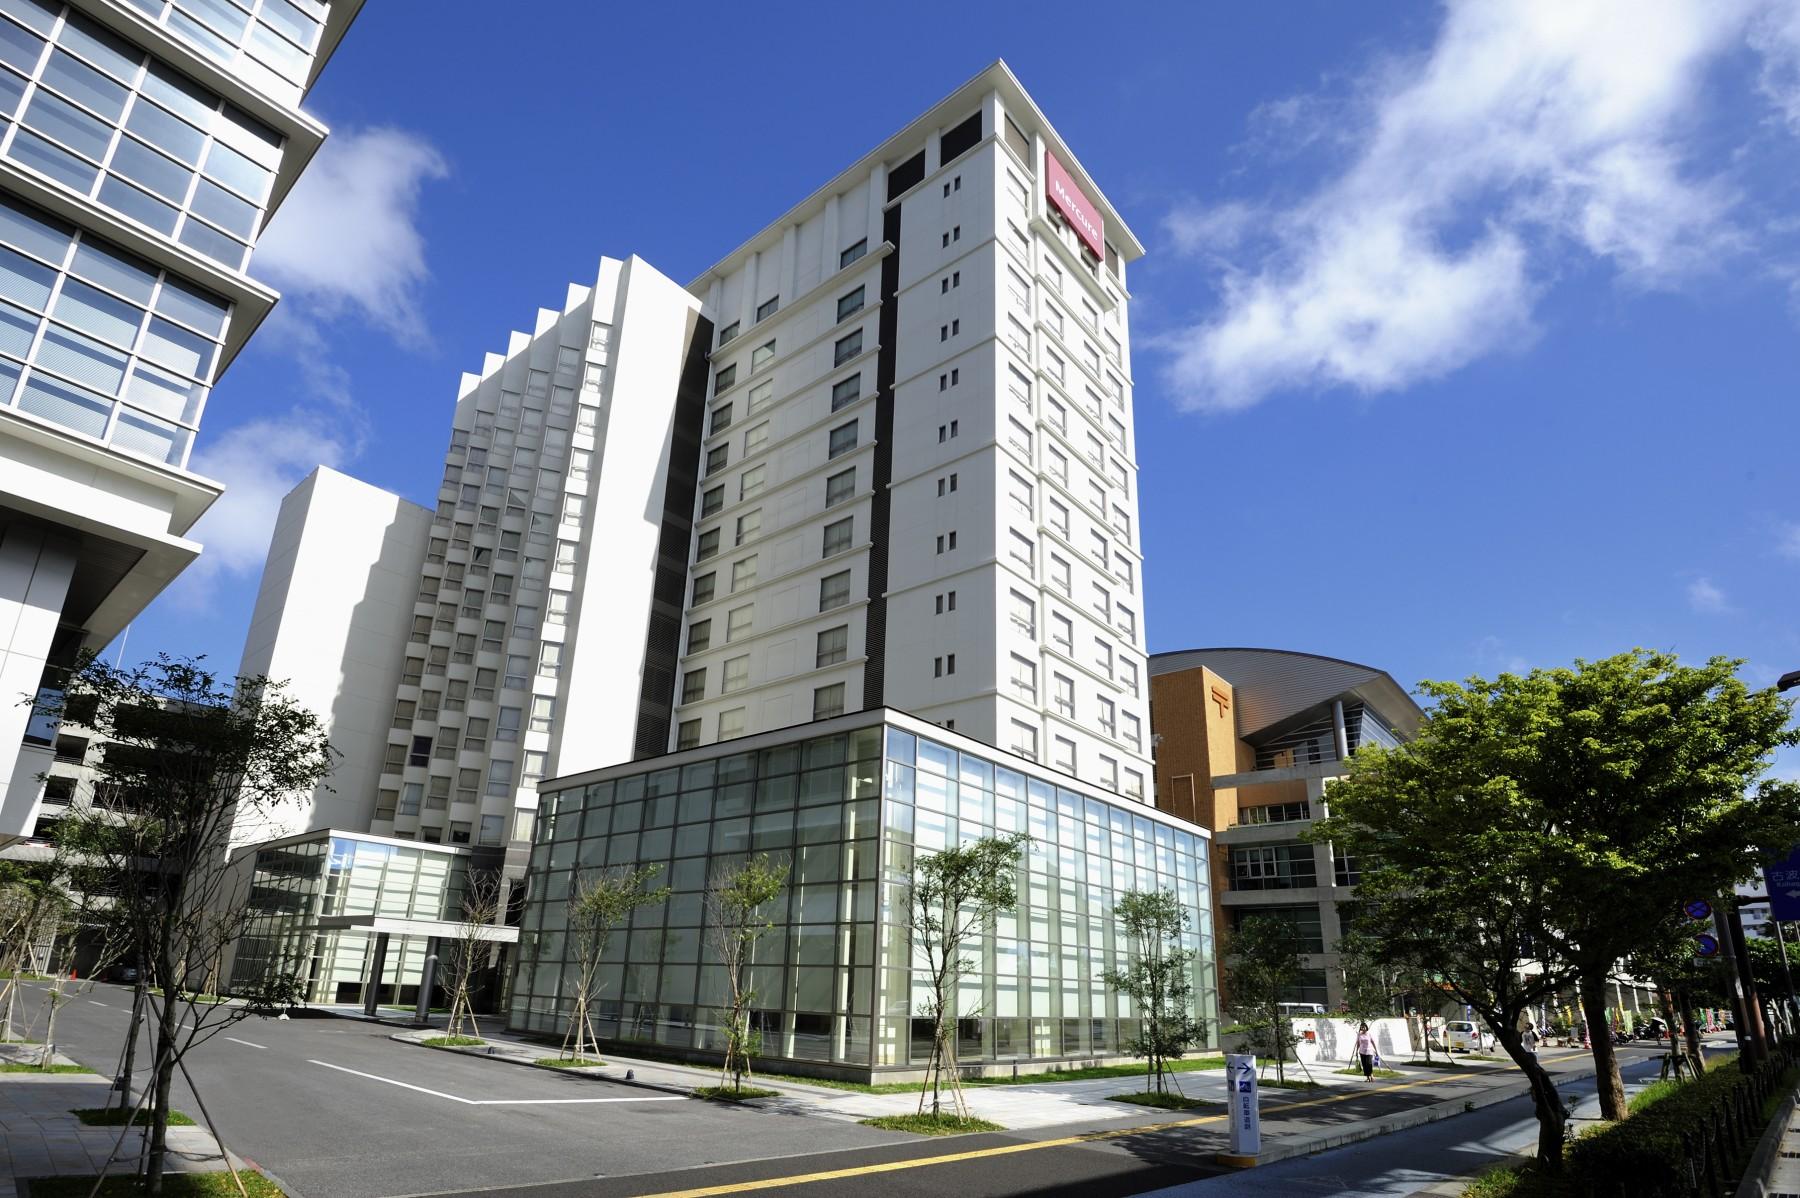 メルキュールホテル沖縄那覇 新春 スプリング キャンペーン 沖縄 旅行 ツアー 格安 安い 2月 3月 4月 5月